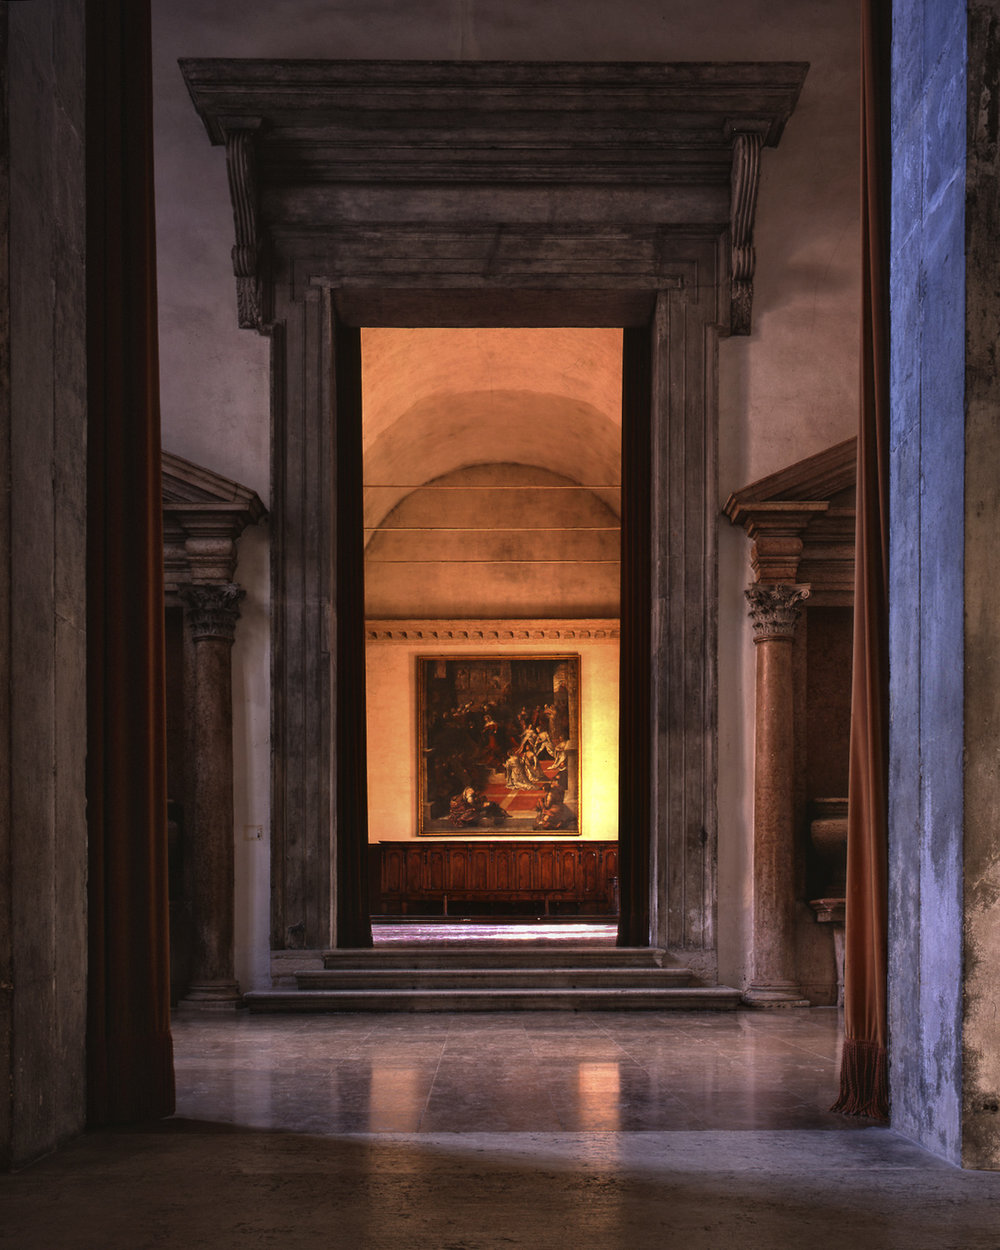 Cenacolo Palladiano, ex Benedictine Monastery Island of Saint Giorgio Maggiore - Venice, Italy (1995)